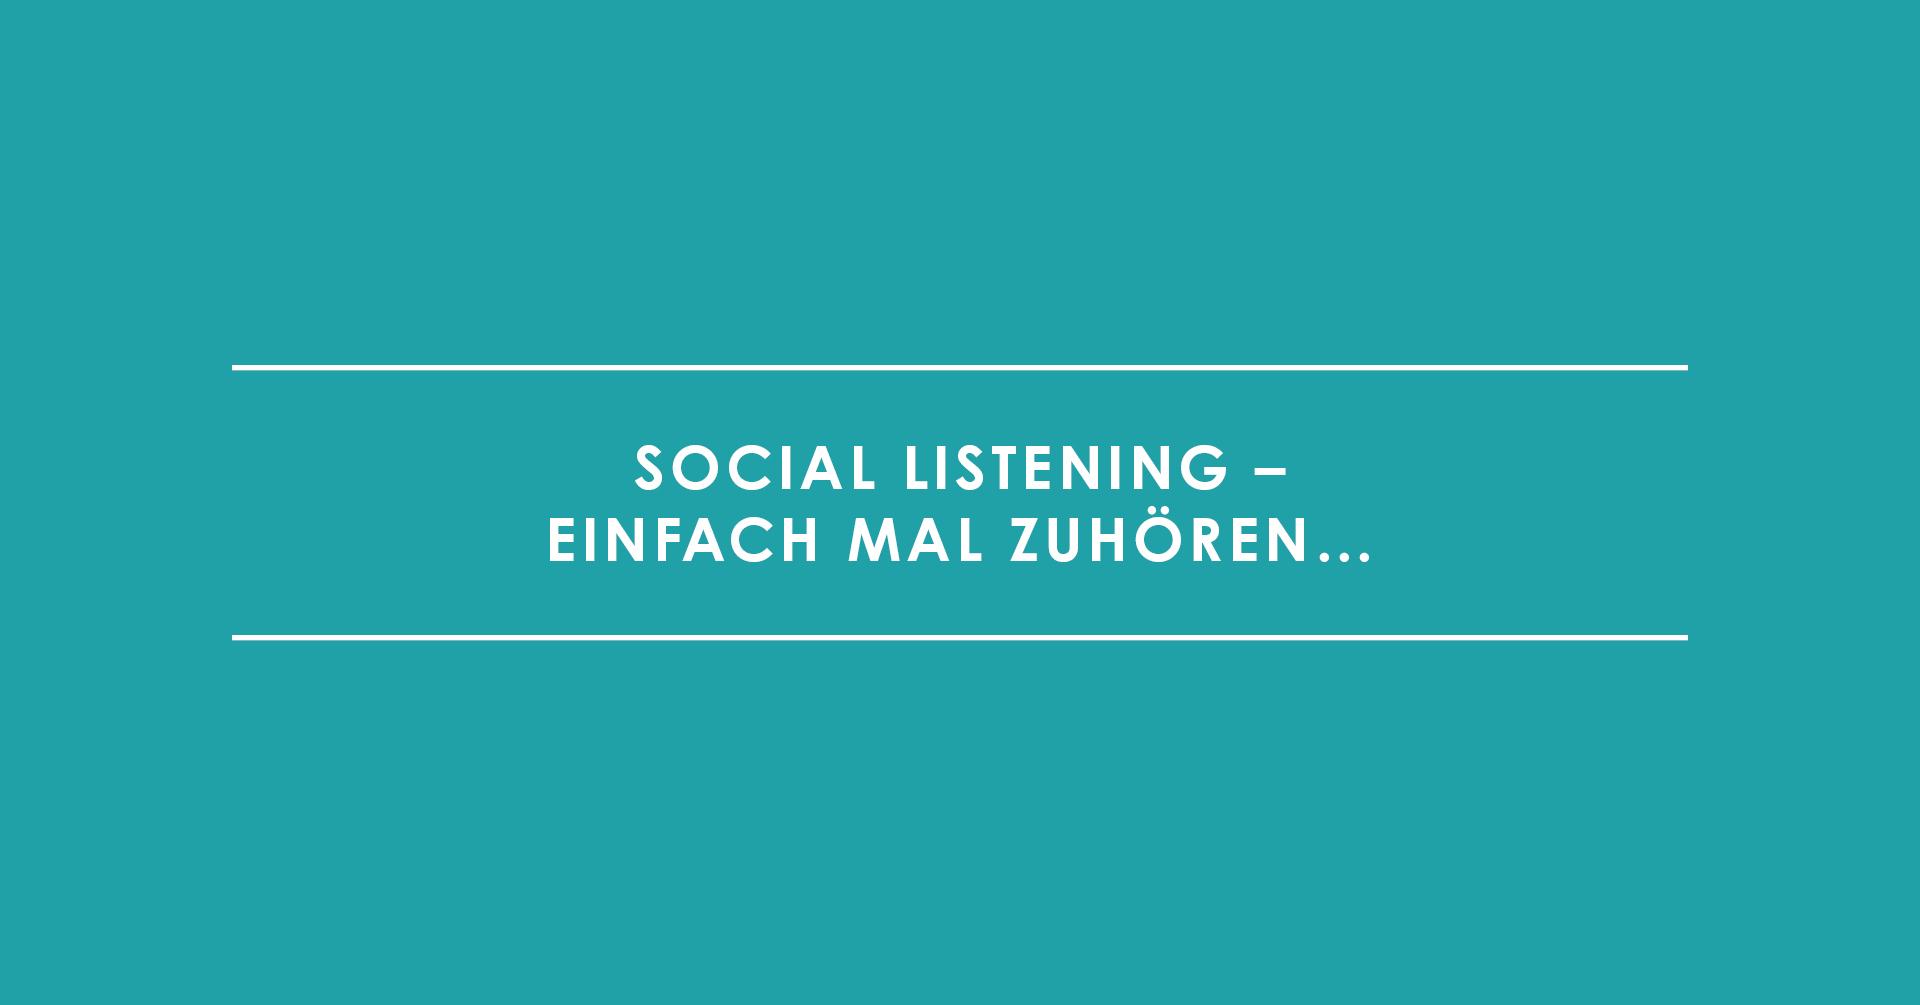 TRIALTA Social Listening. Einfach mal zuhören